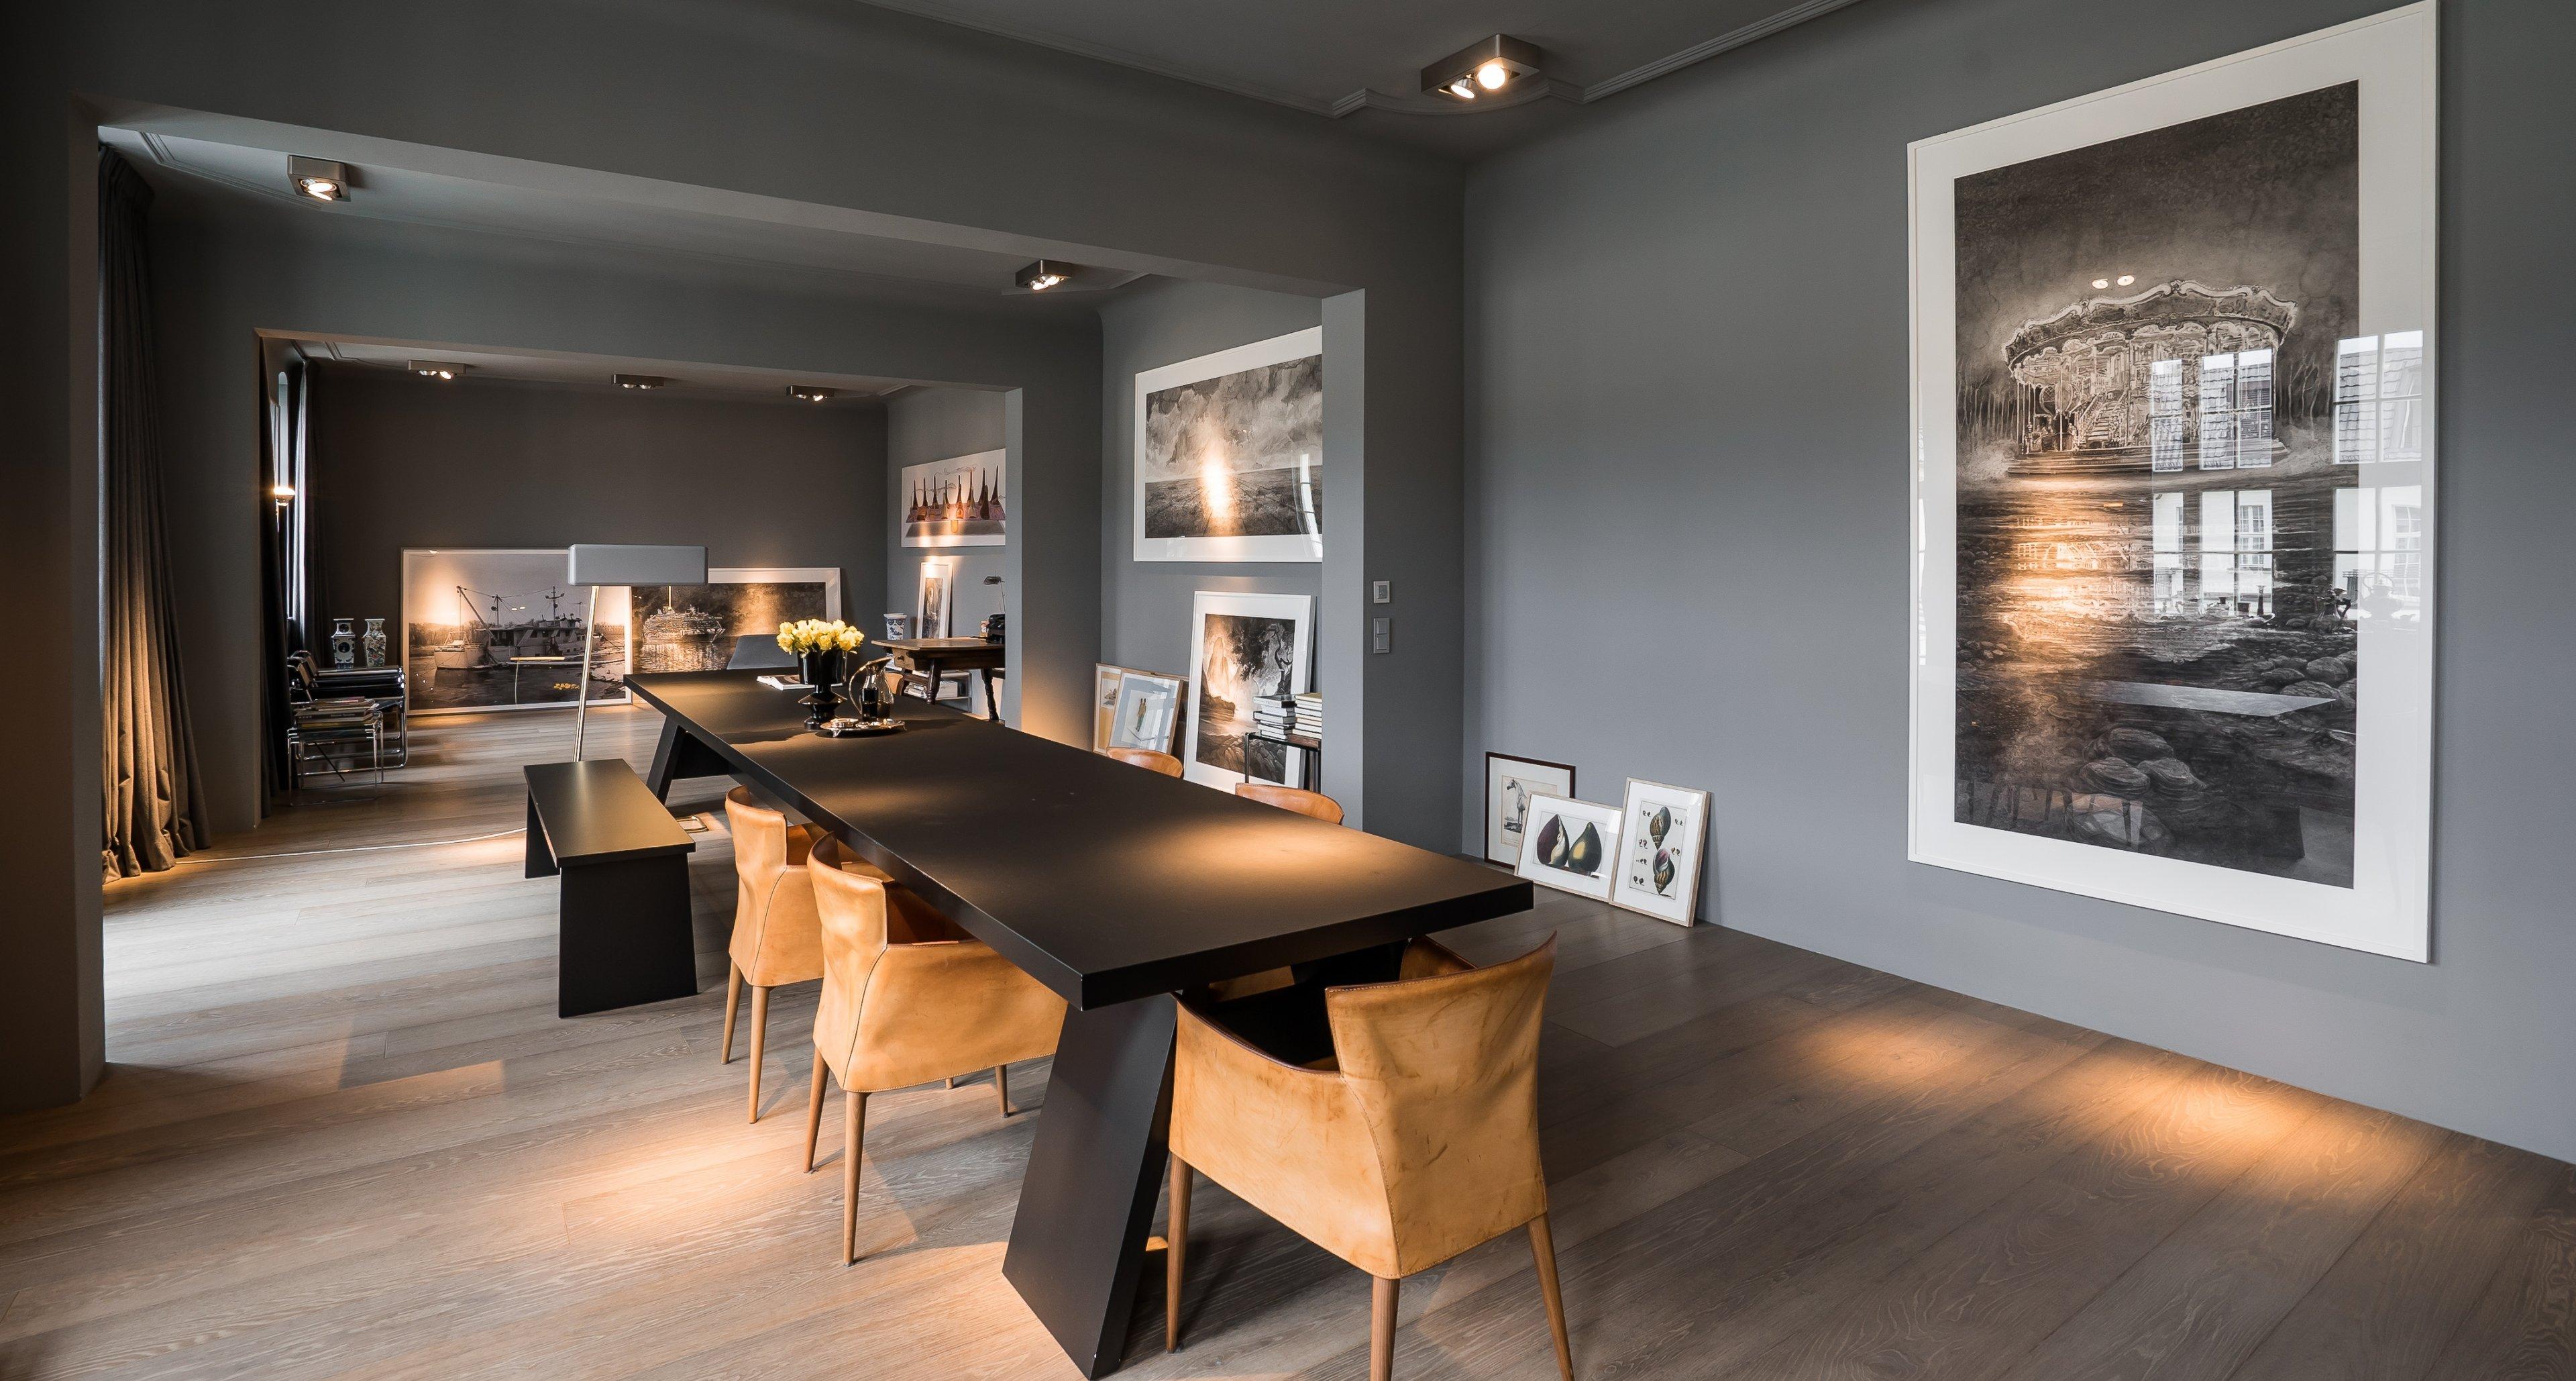 Luxuriöse 4 Zimmer Designer Wohnung Mit Loftcharakter Am Traditionsreichen  Kurfürstendamm!